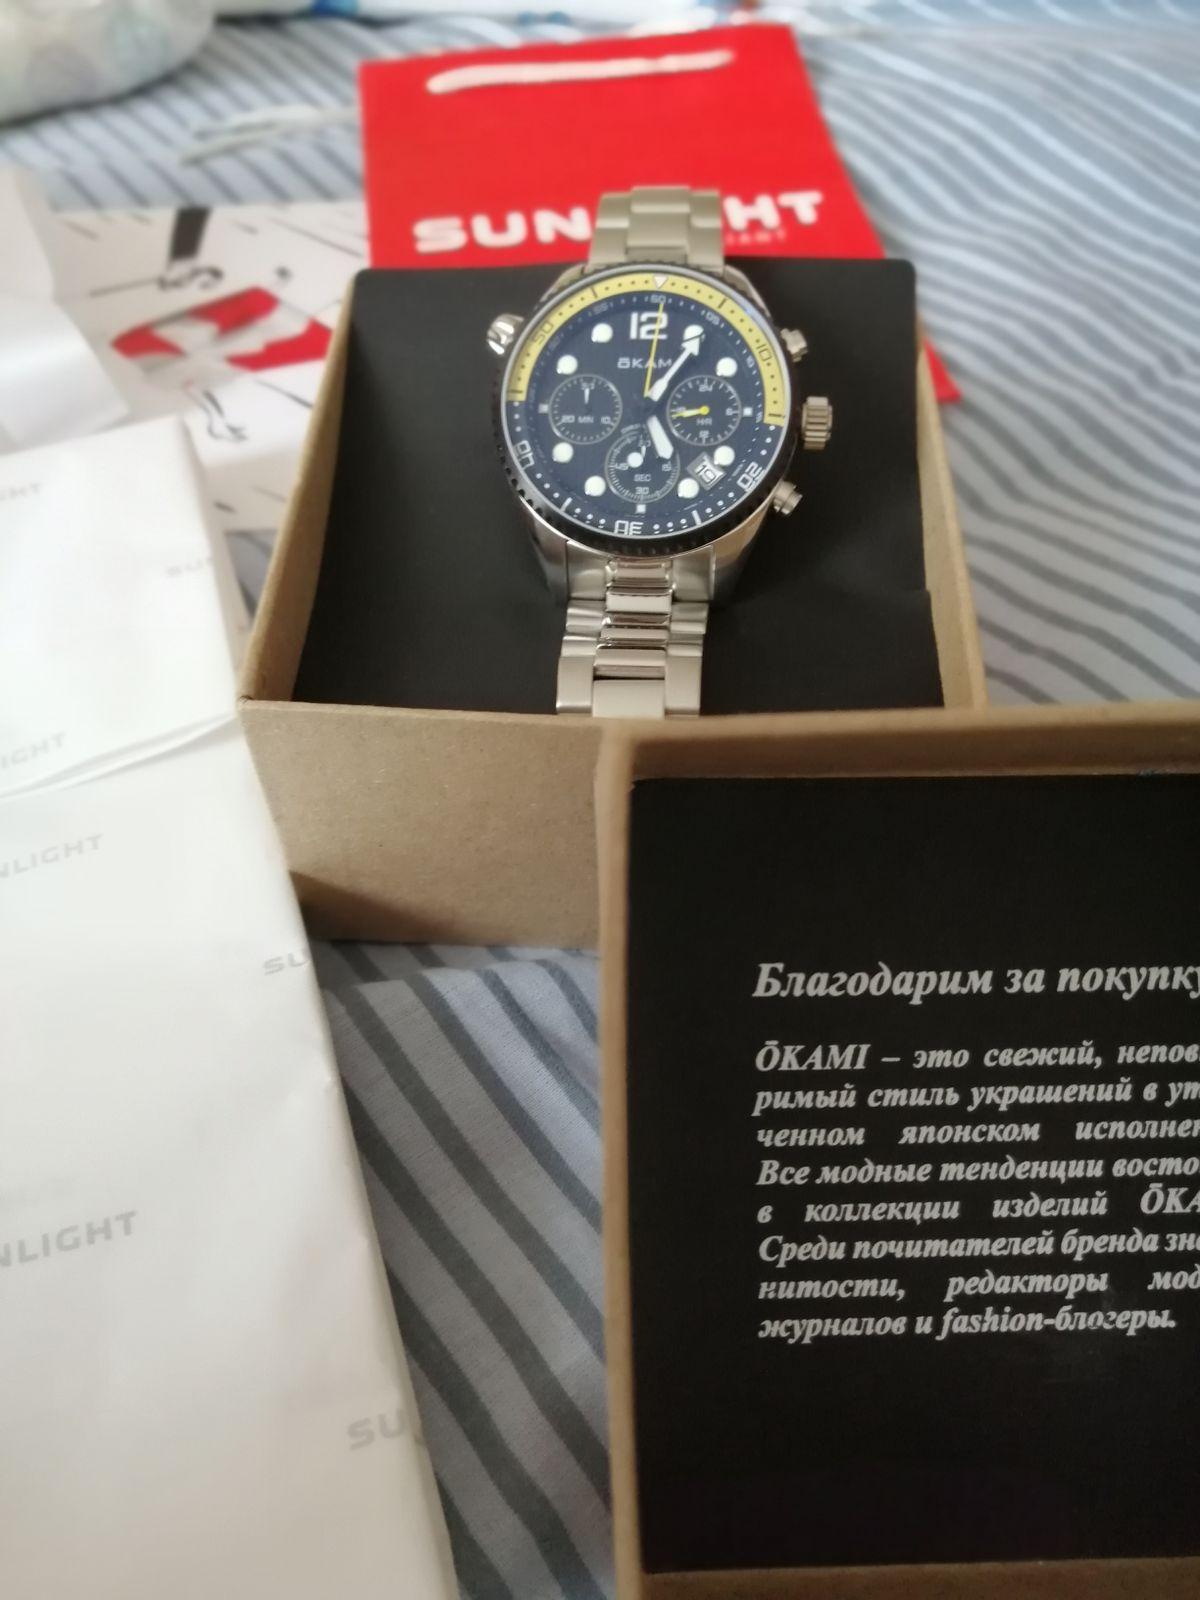 Часы брала мужу в подарок